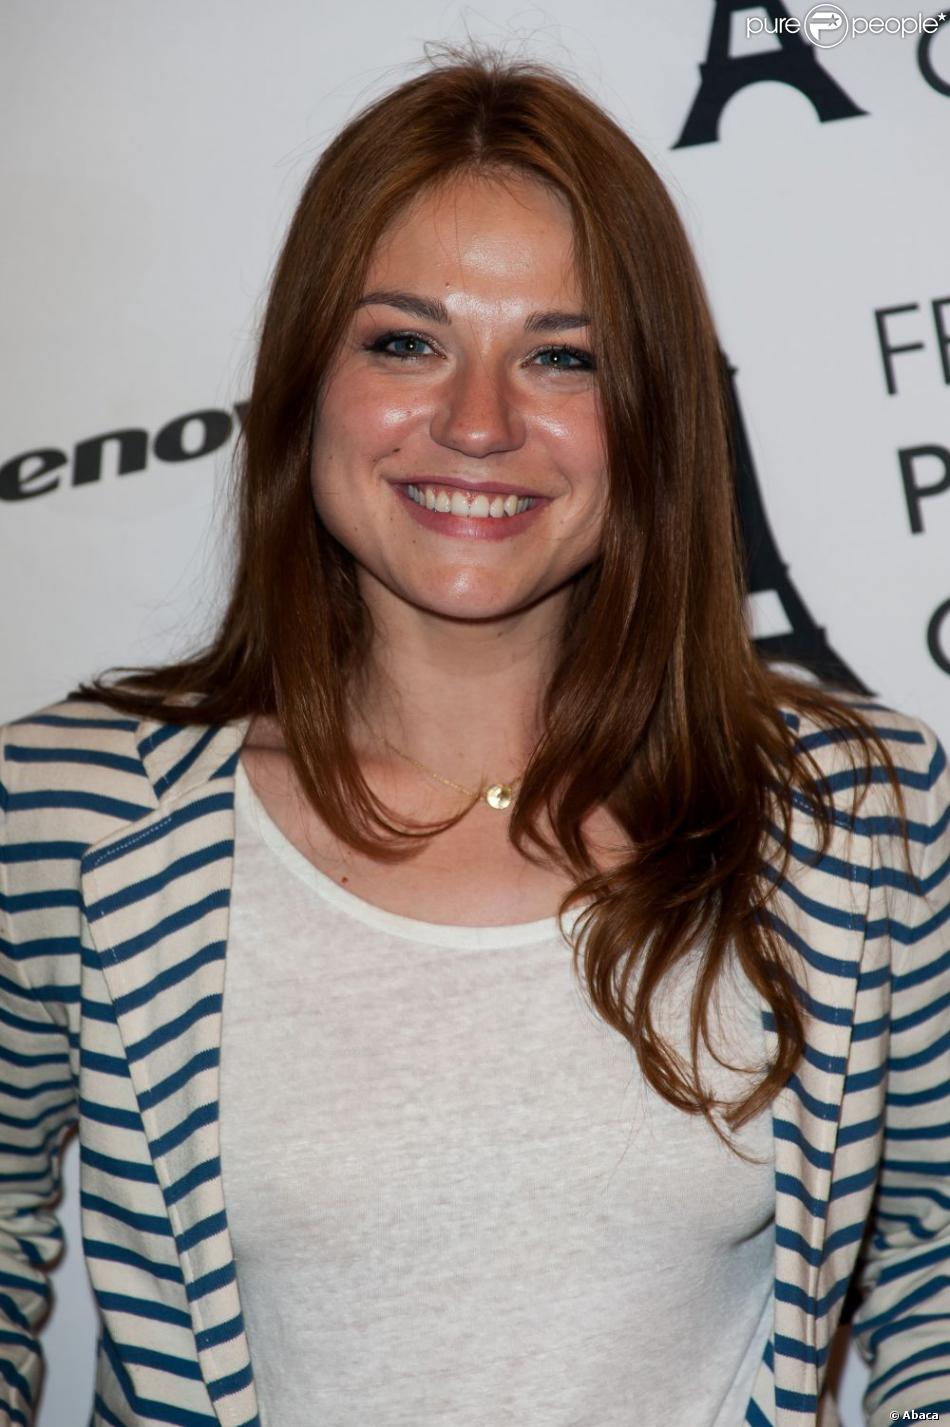 Emilie Dequenne pétillante lors de la première du film A perdre la raison au Paris Cinema, le 8 juillet 2012.